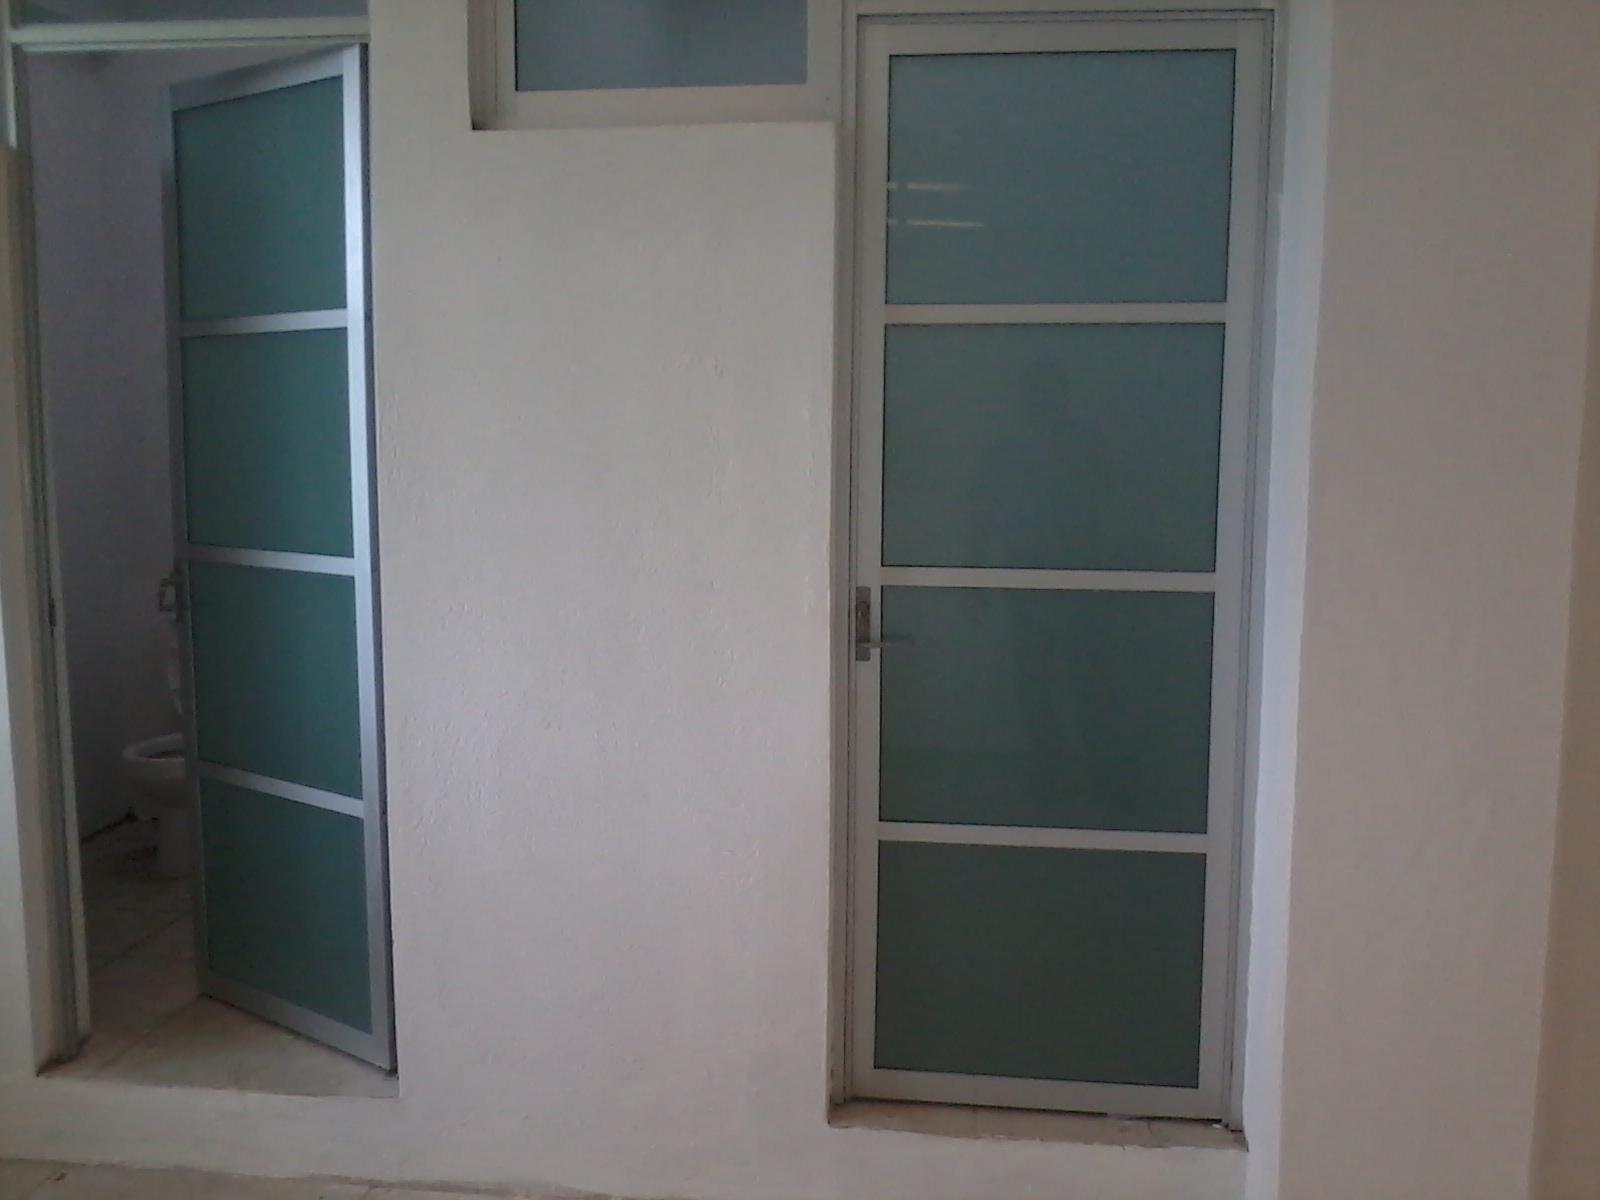 Puertas de aluminio blanco para ba o for Puertas en aluminio